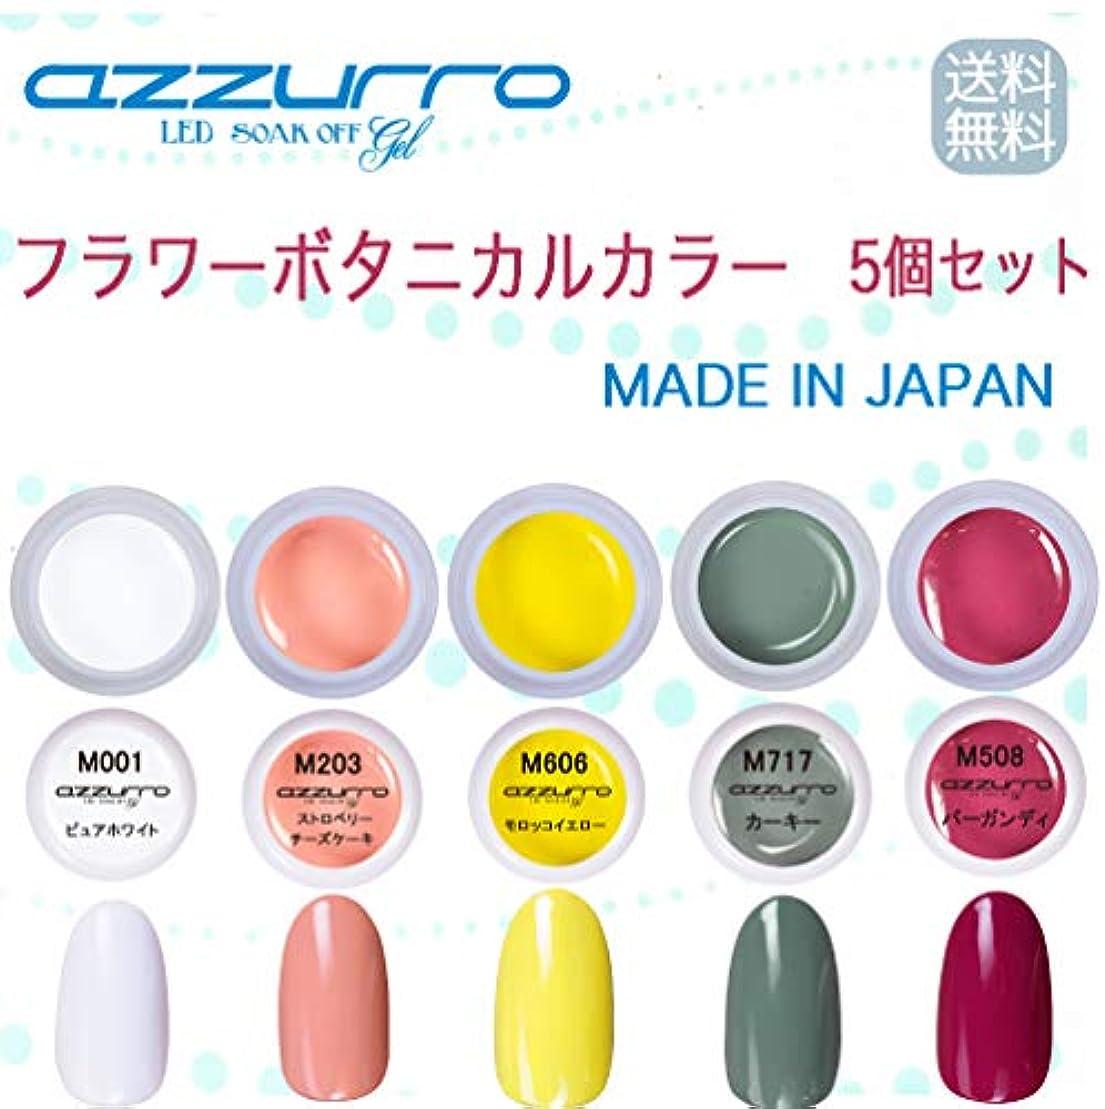 殉教者音声学人類【送料無料】日本製 azzurro gel フラワーボタニカルカラージェル5個セット 春にピッタリでかわいいフラワーアートにピッタリなカラー